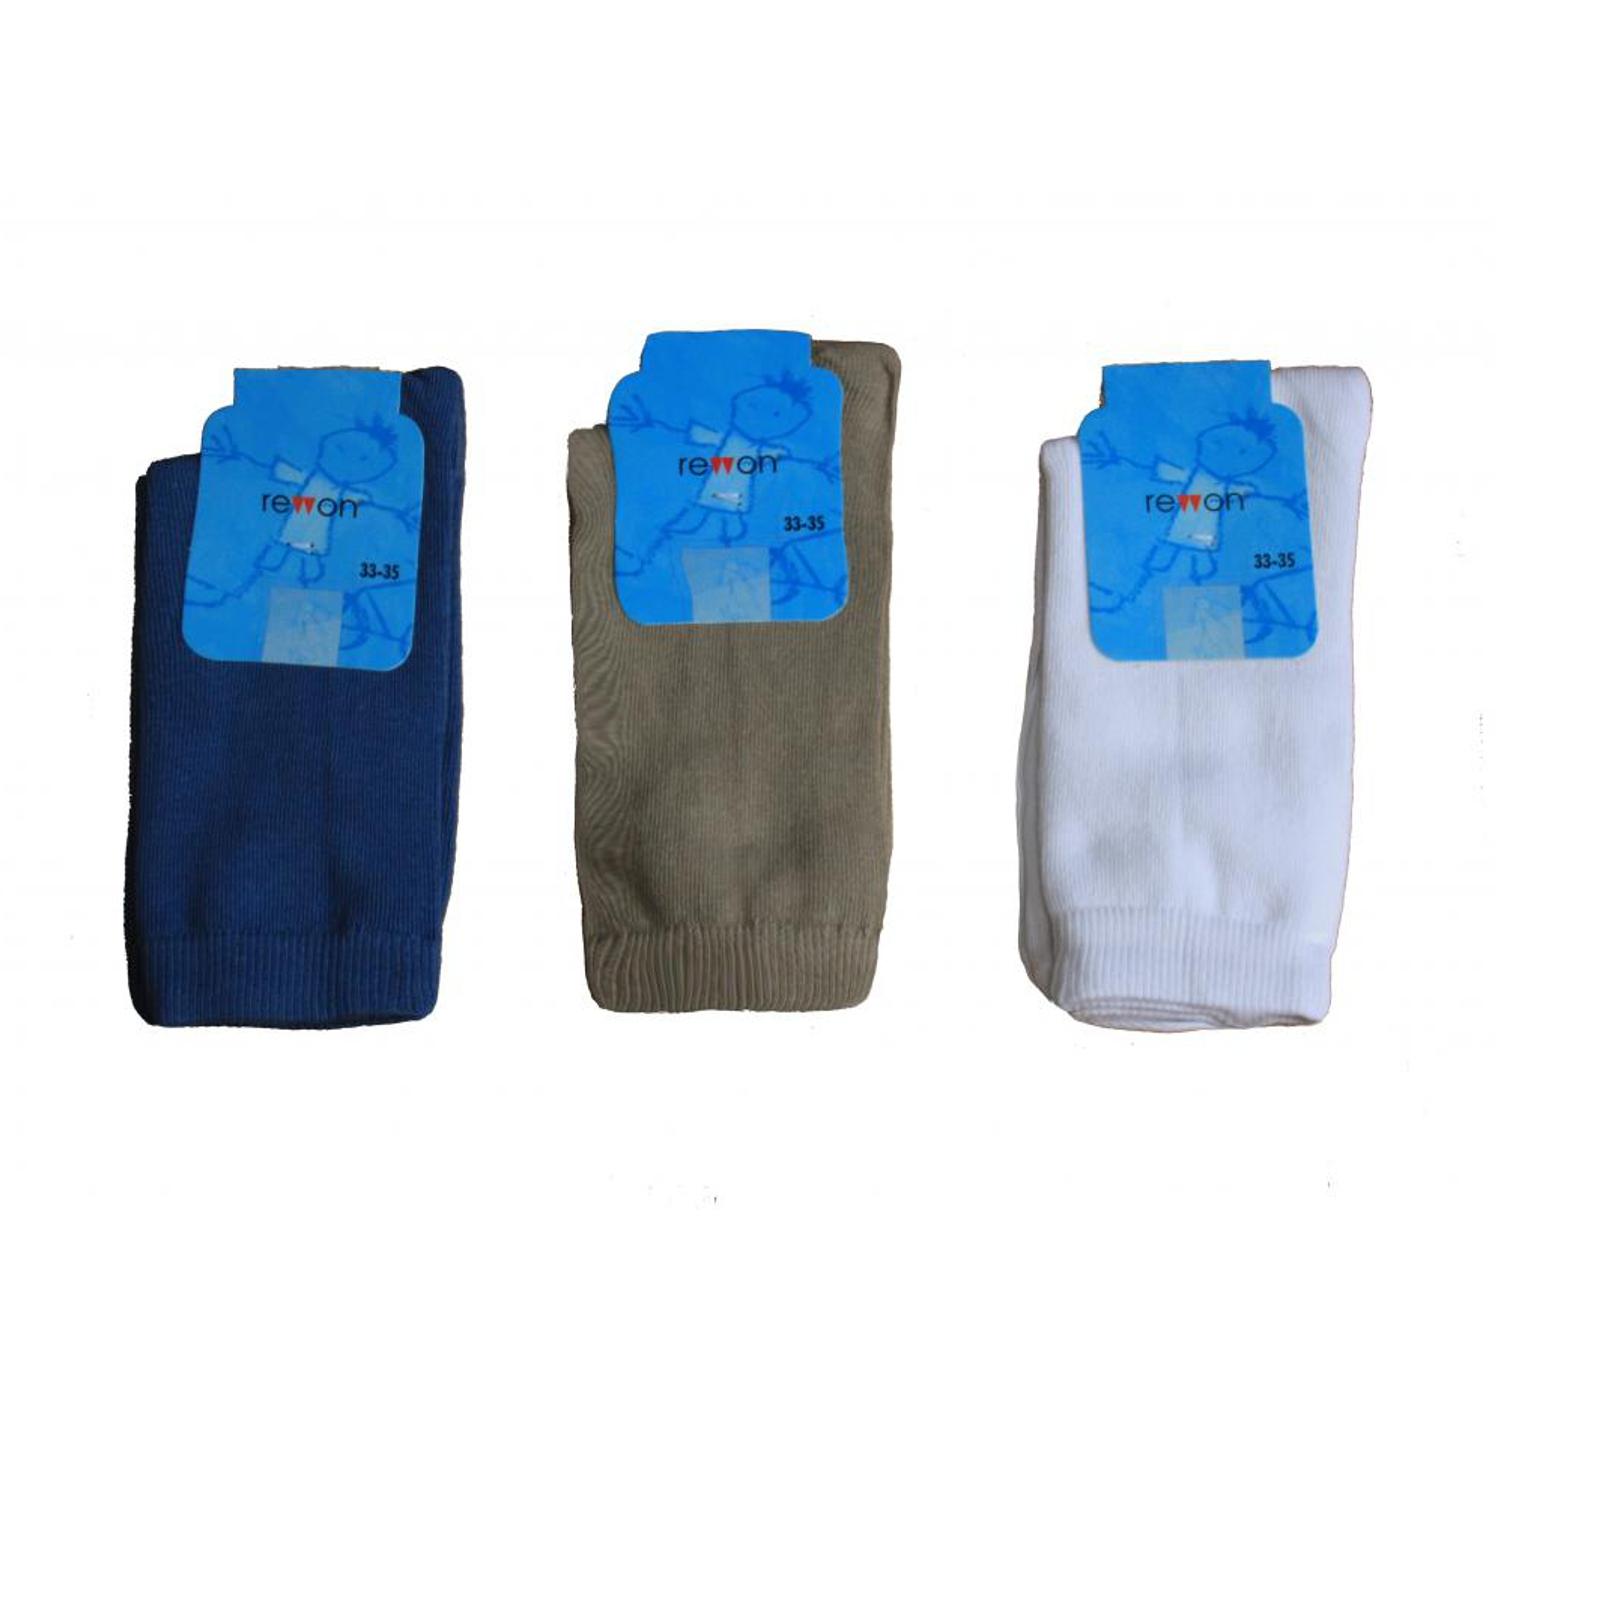 Носки Rewon гладкие размер 11-12 см